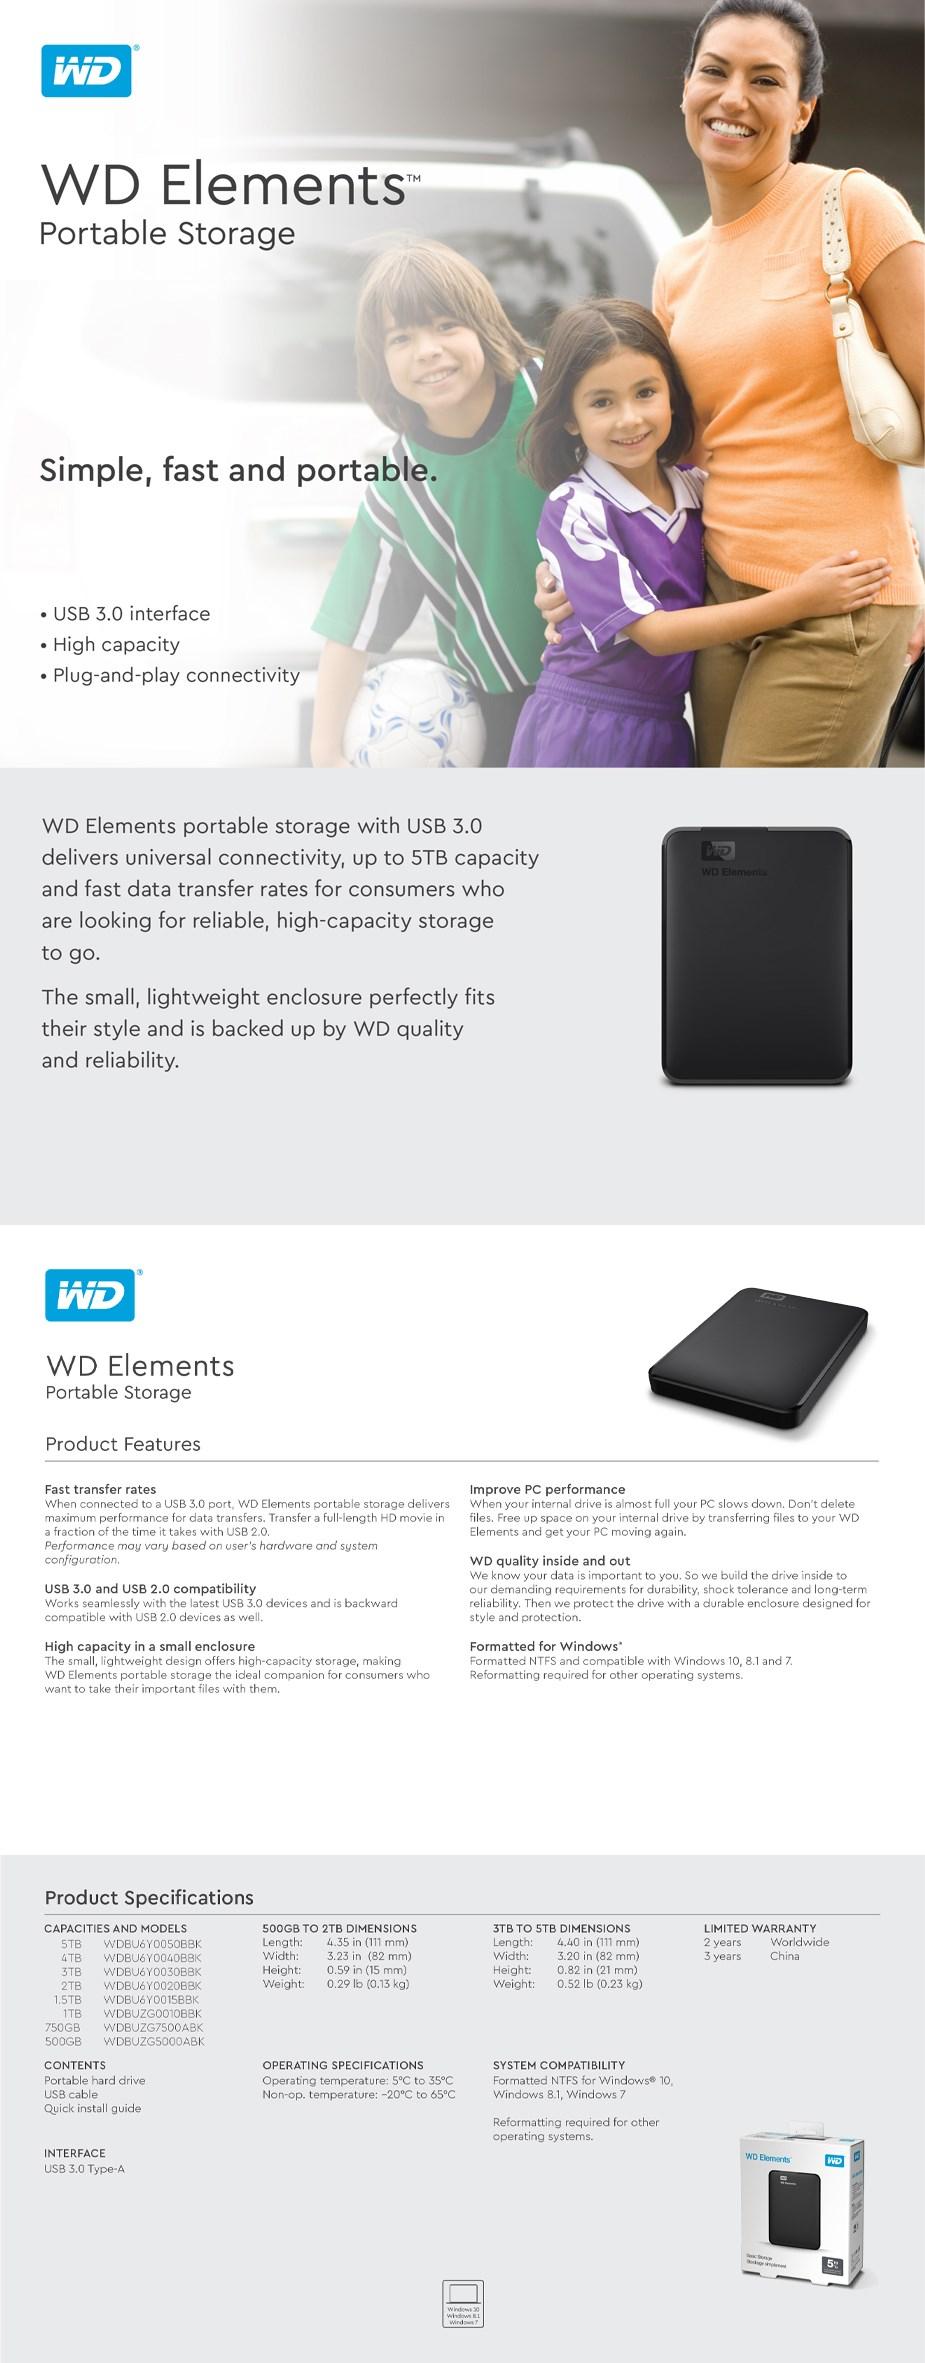 wd-elements-1tb-usb-30-portable-external-hard-drive-ac34362-6-1-.jpg